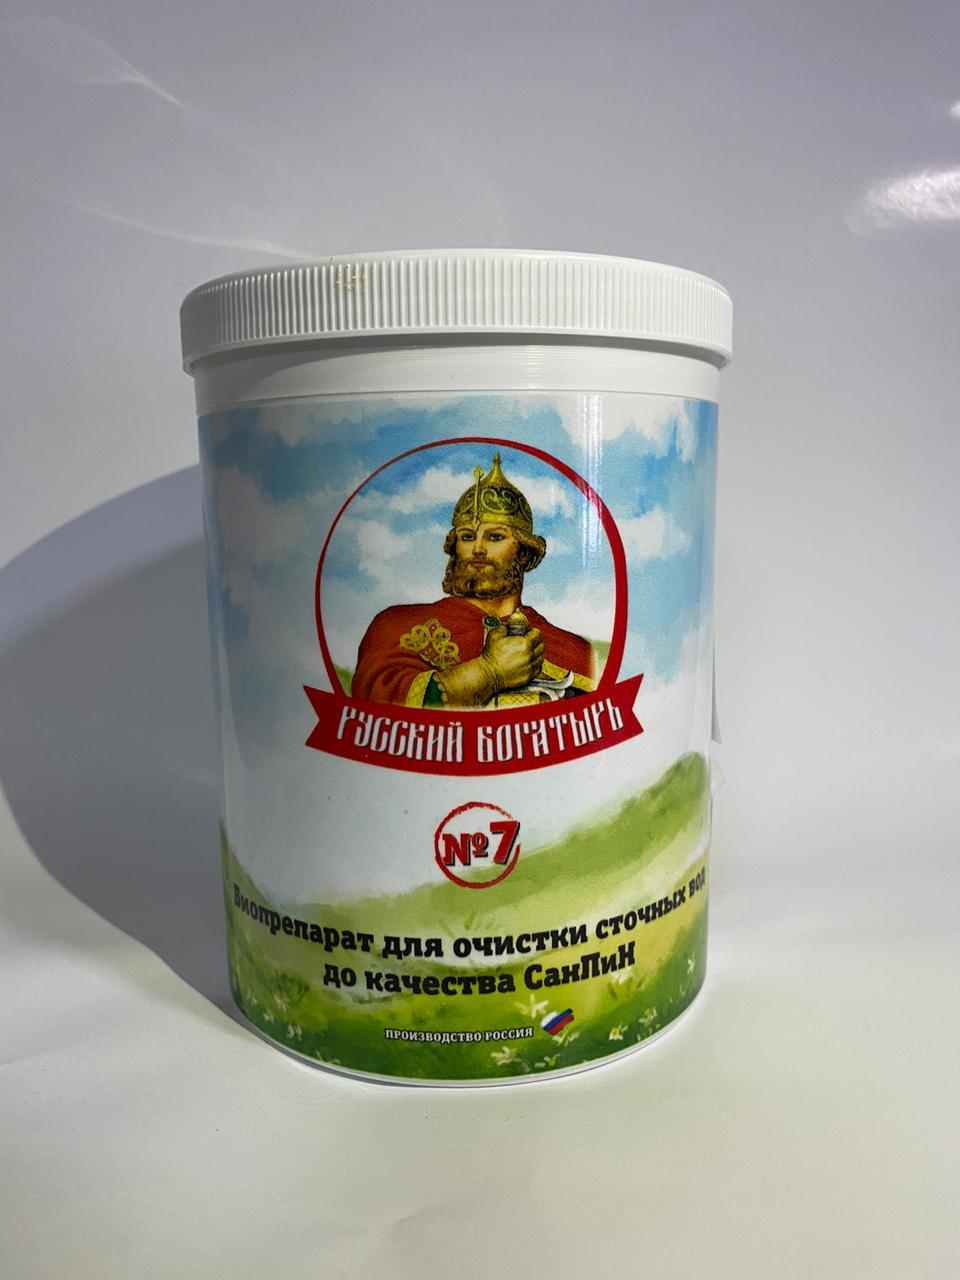 Очистка сточных вод до качества СанПин Русский богатырь №7 1 кг